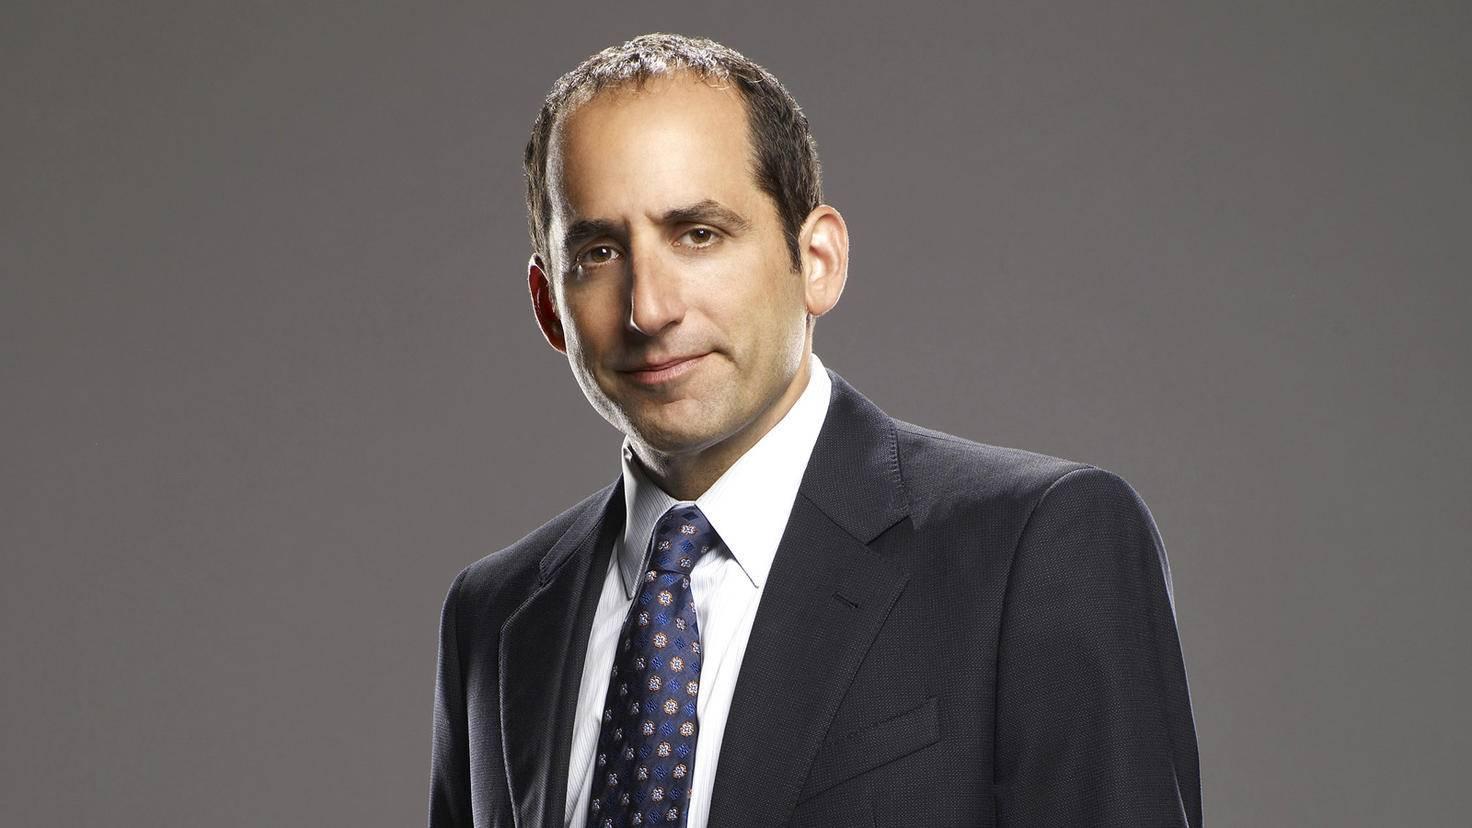 Dr. Taub stößt erst in Staffel 4 zum Team von Dr. House hinzu.